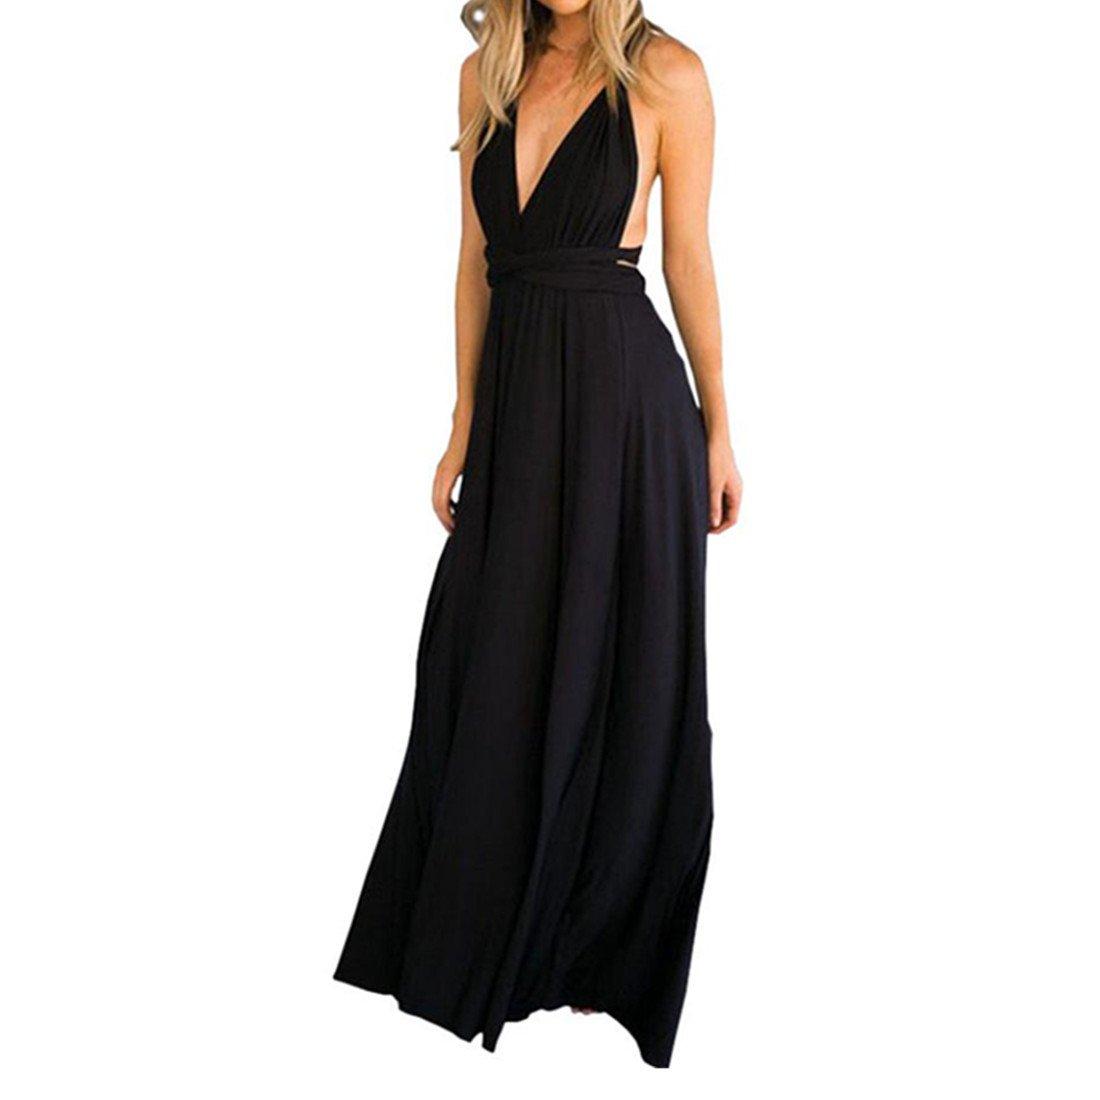 Kleid Damen Kolylong ® Frauen Elegante V-Ausschnitt Bandage Lange Kleid Party Kleid Sommer Backless Strandkleid Abendkleid Sommerkleid